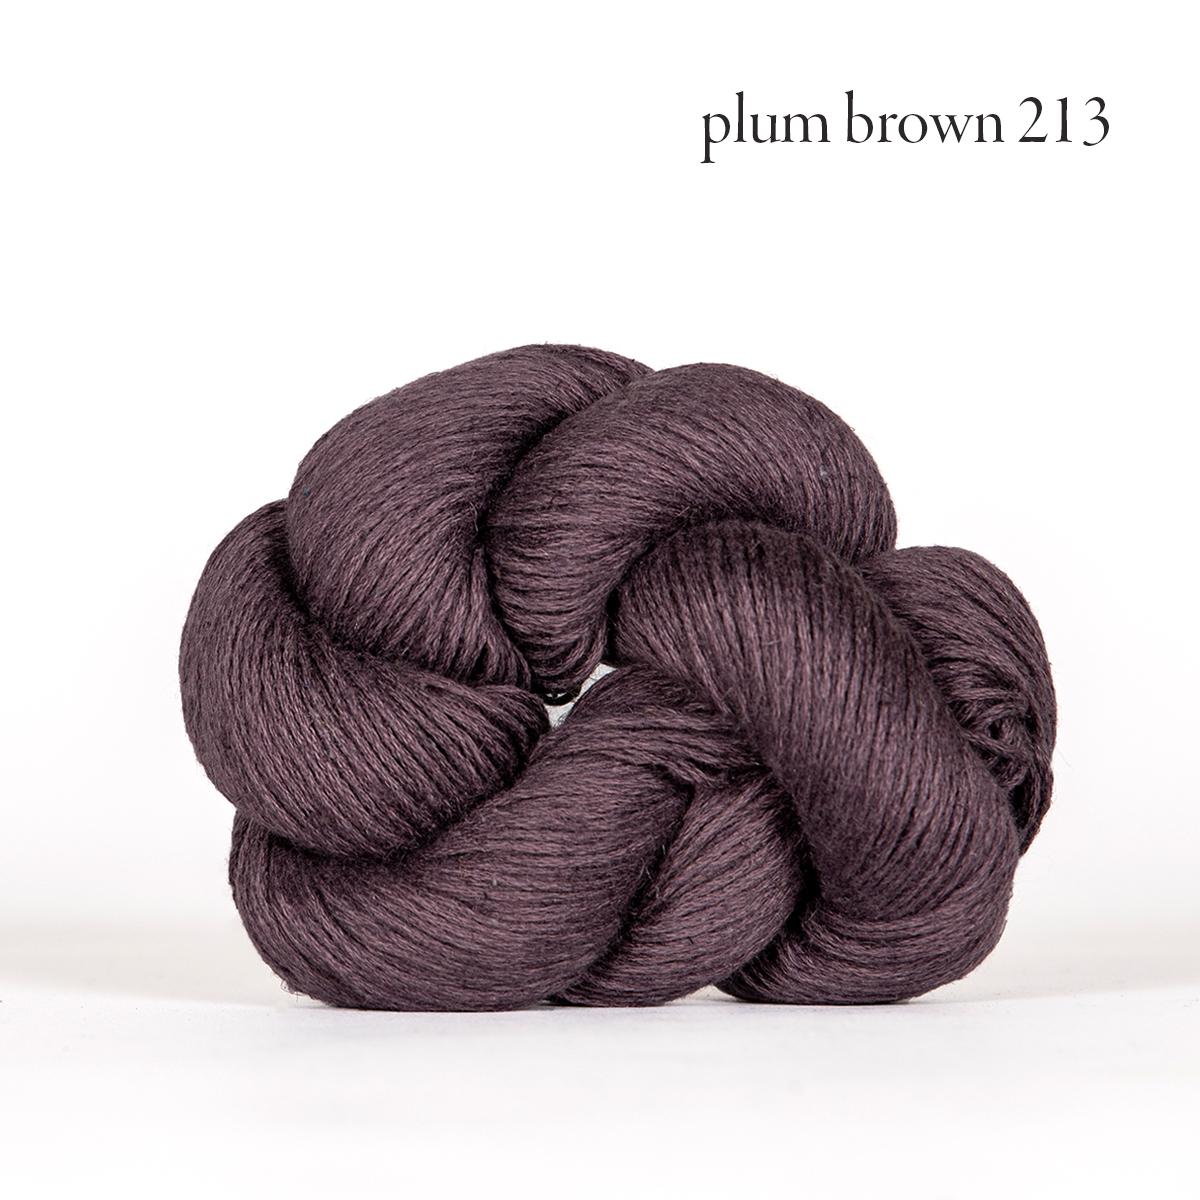 plum brown 213.jpg